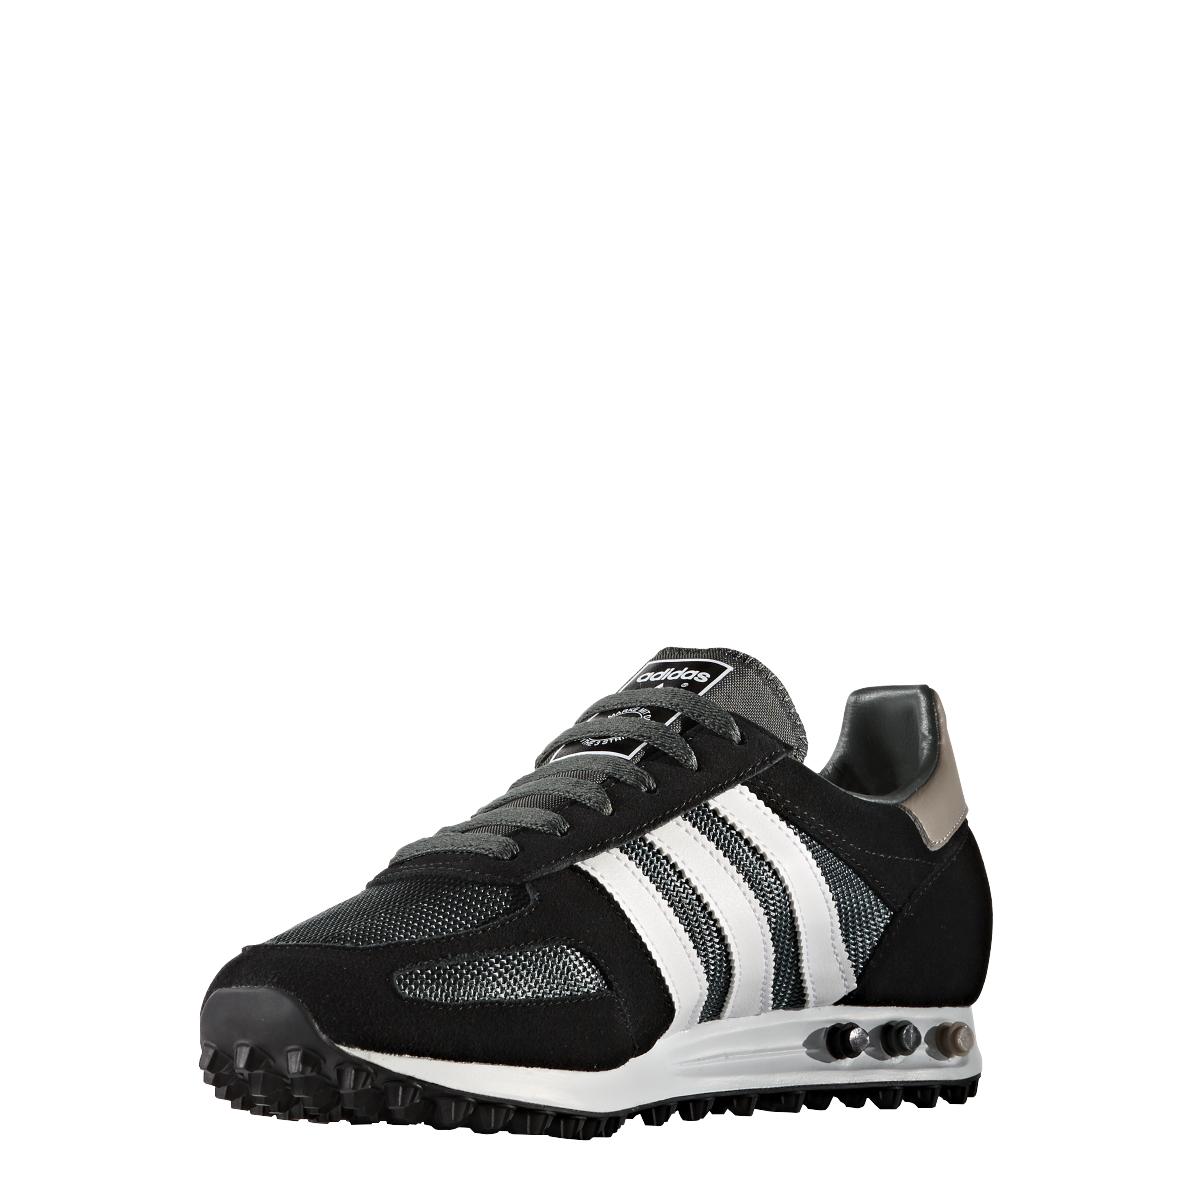 adidas originals la trainer og sneaker herren schuhe. Black Bedroom Furniture Sets. Home Design Ideas